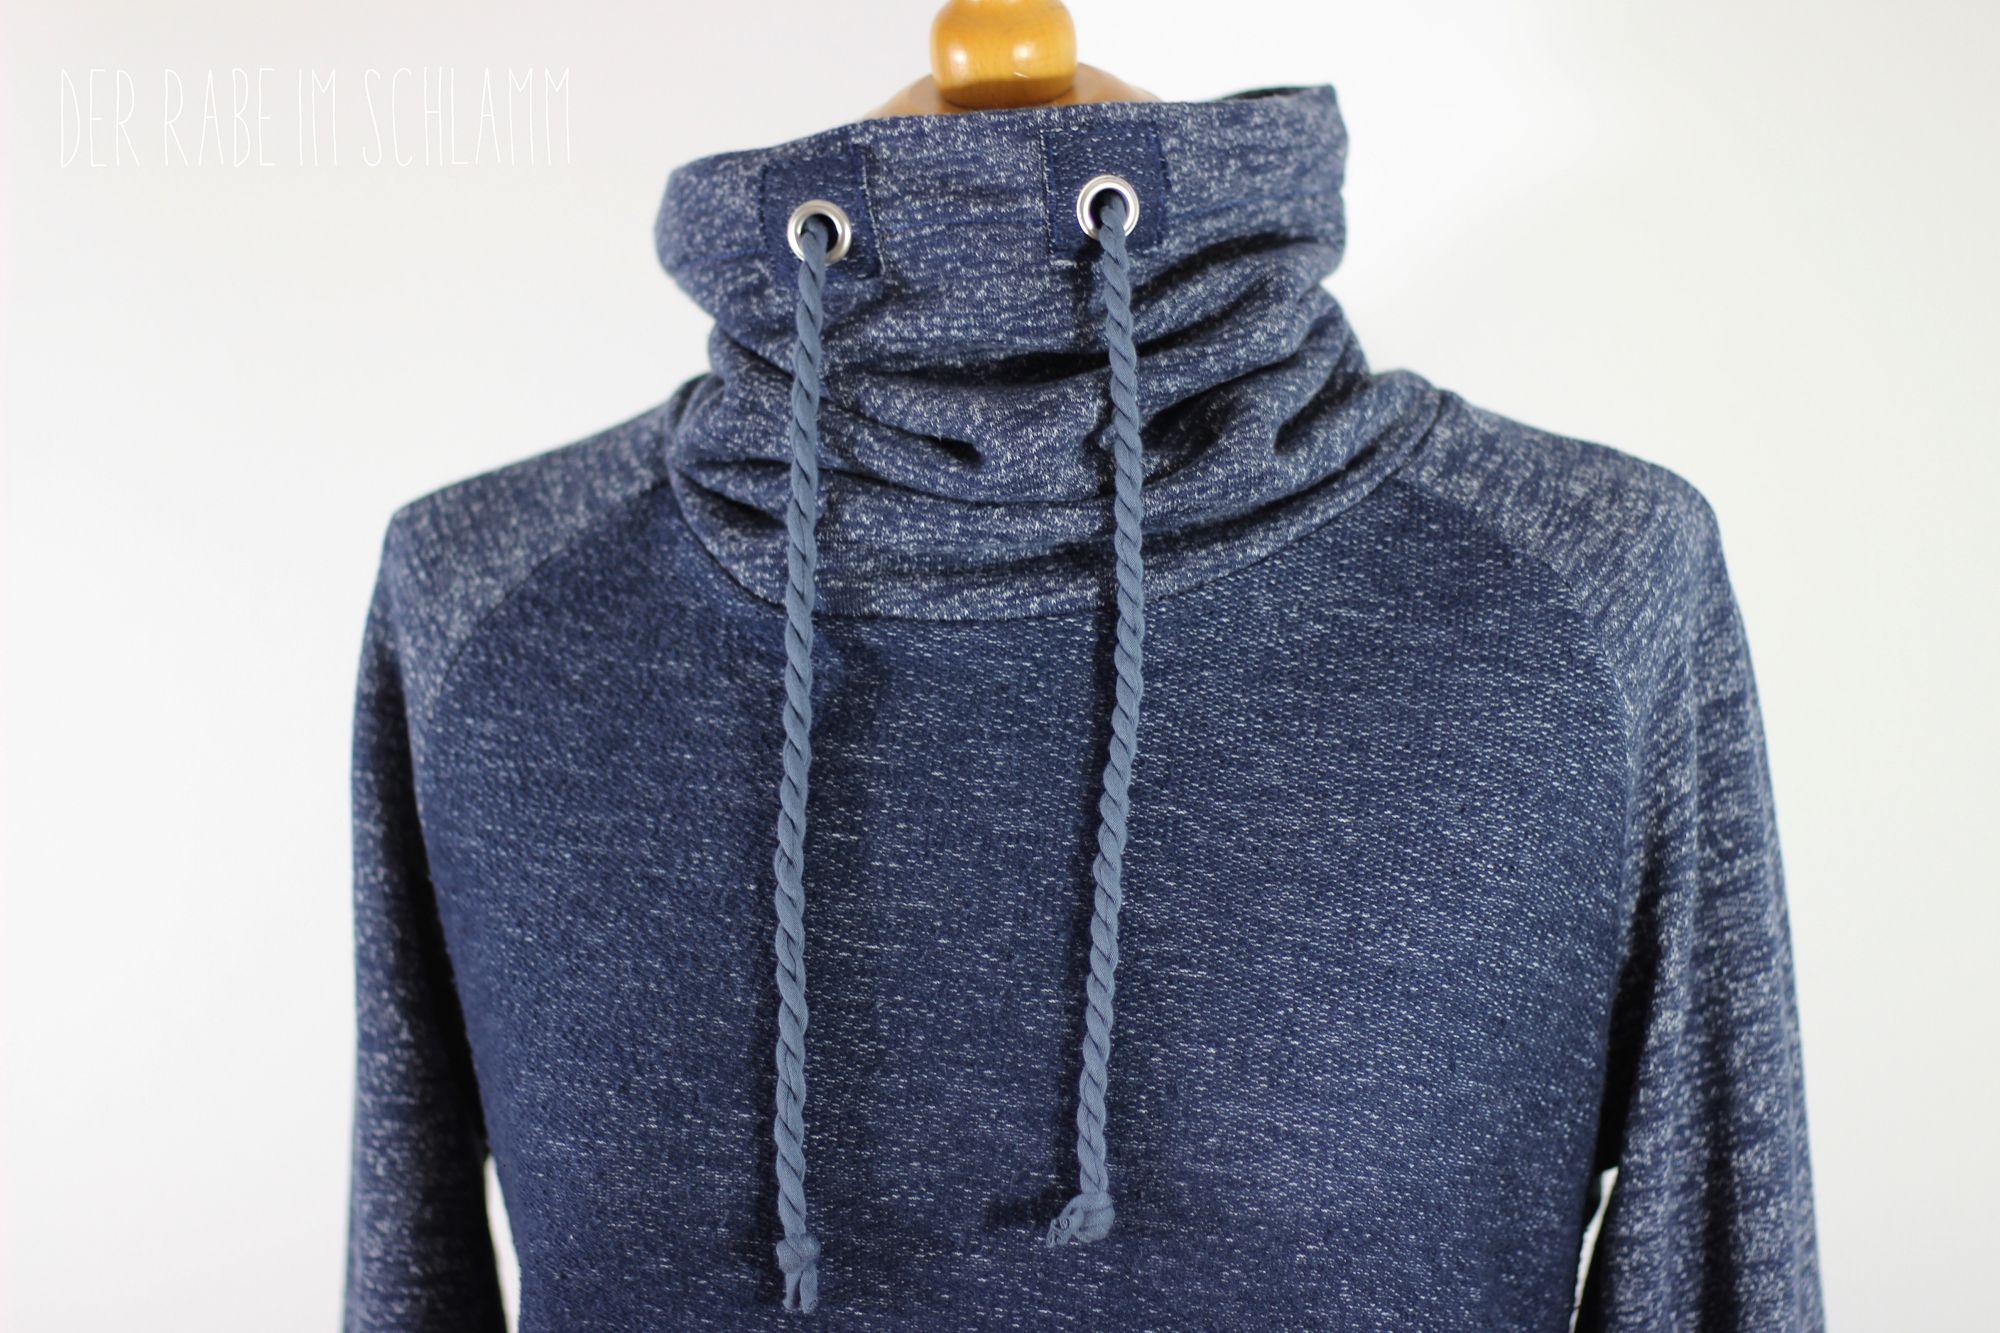 Miro Lady, Hoodie, Sweater, Der Rabe im Schlamm, Nähen, Damen, Schnittmuster